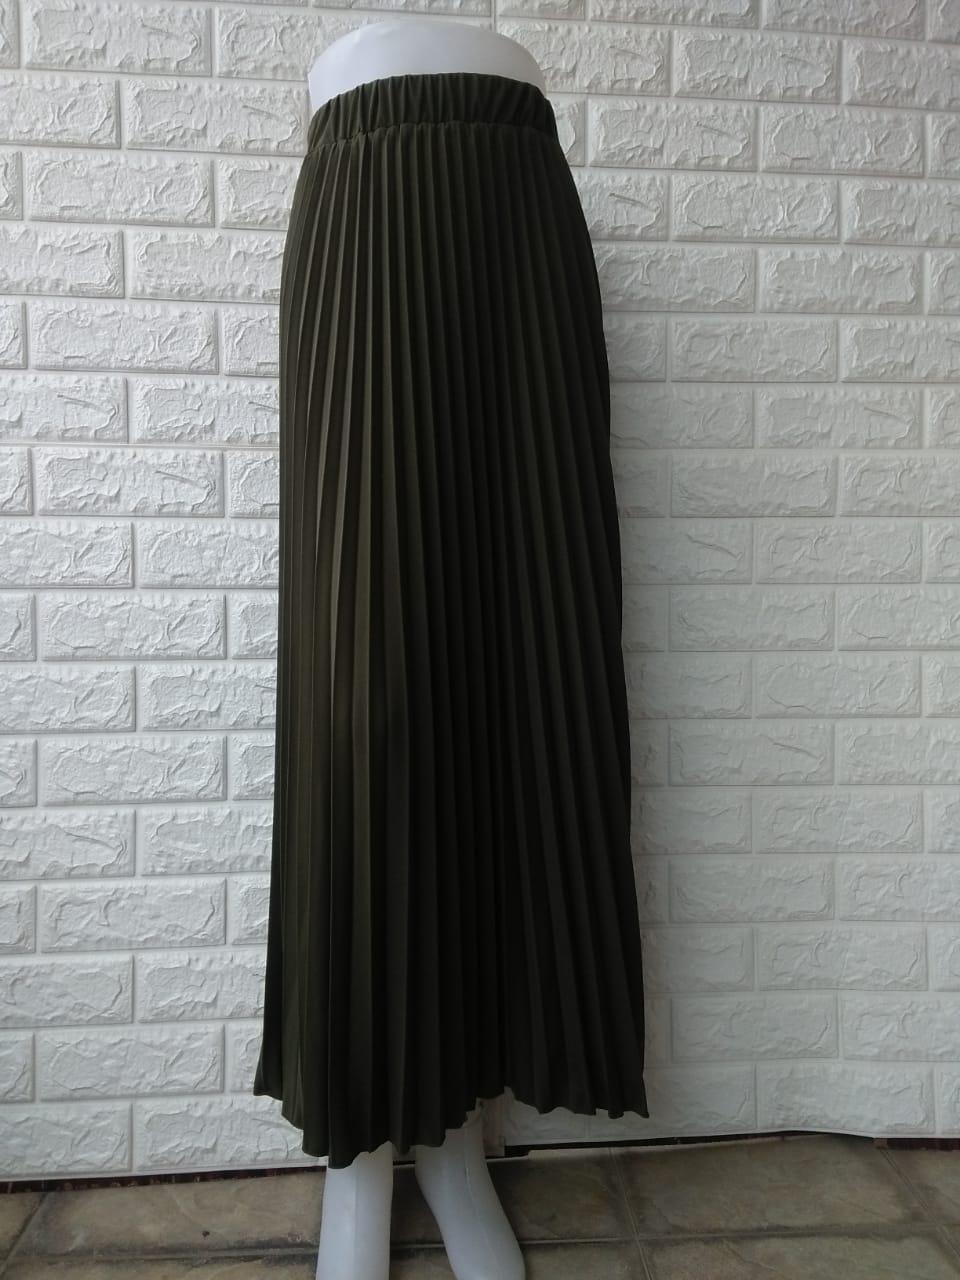 Femme Ols Rok Plisket Tiara Fashion Wanita Rok Panjang Wanita Rok Muslimah